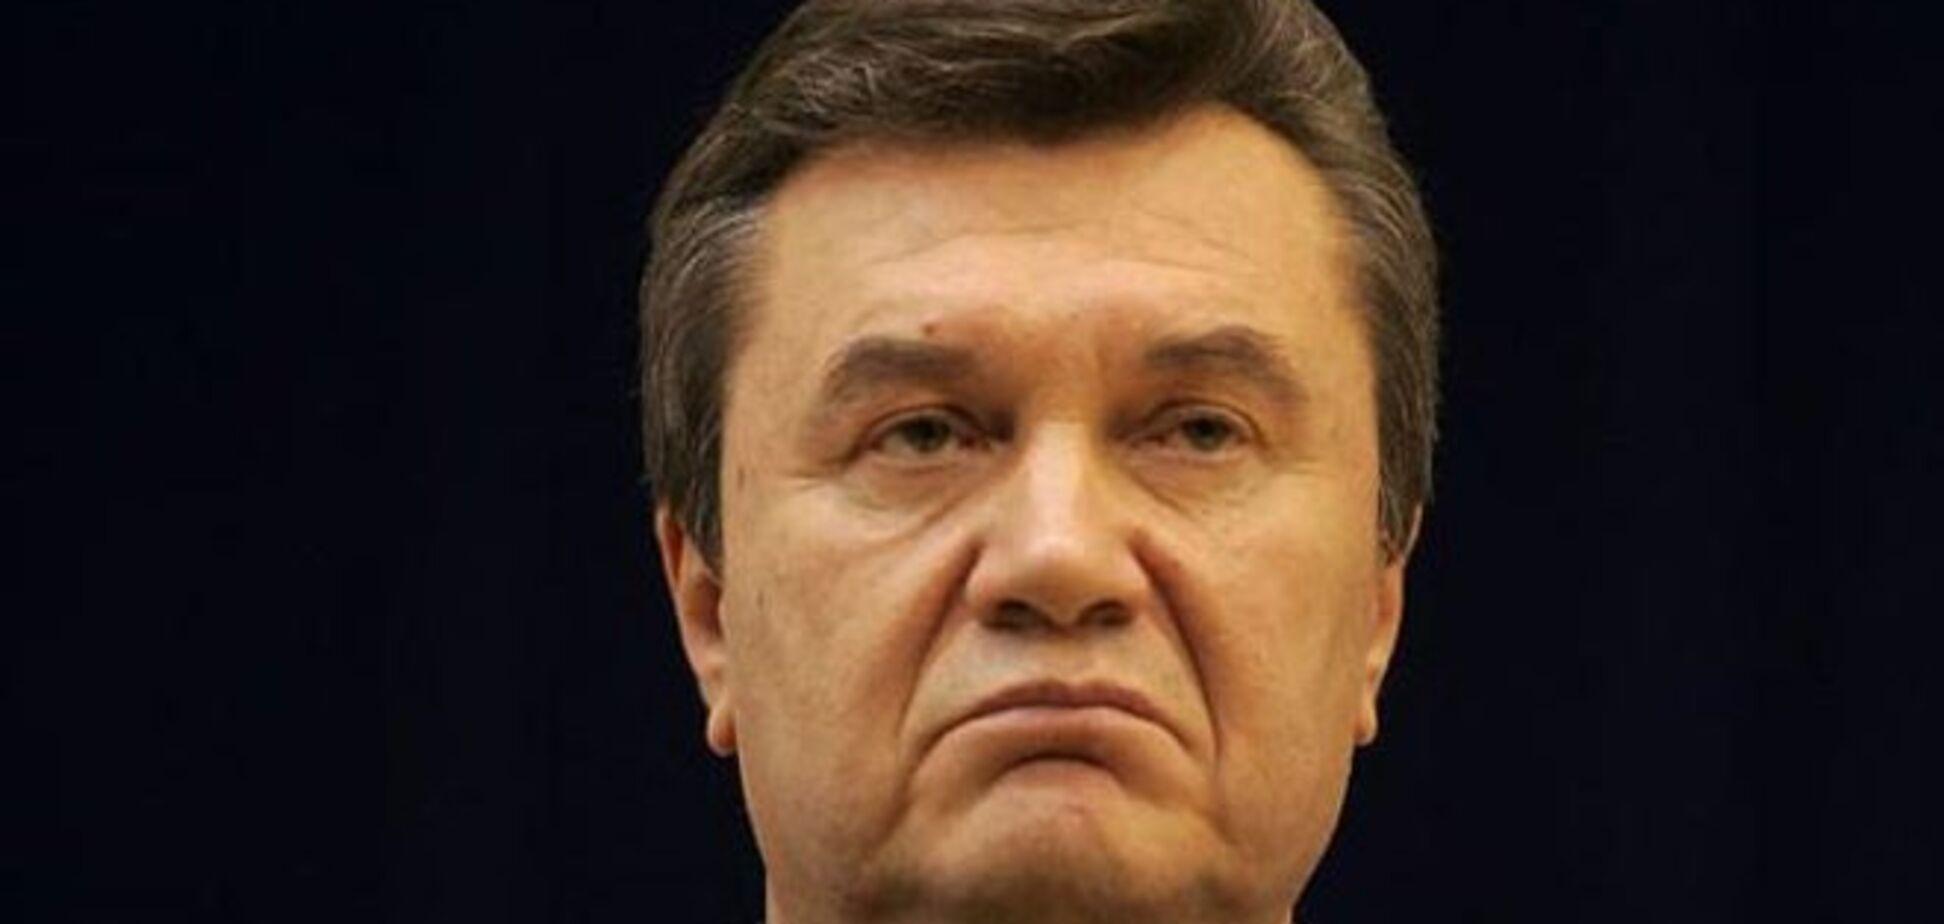 Следователи добрались до переговоров Януковича с Россией перед его бегством